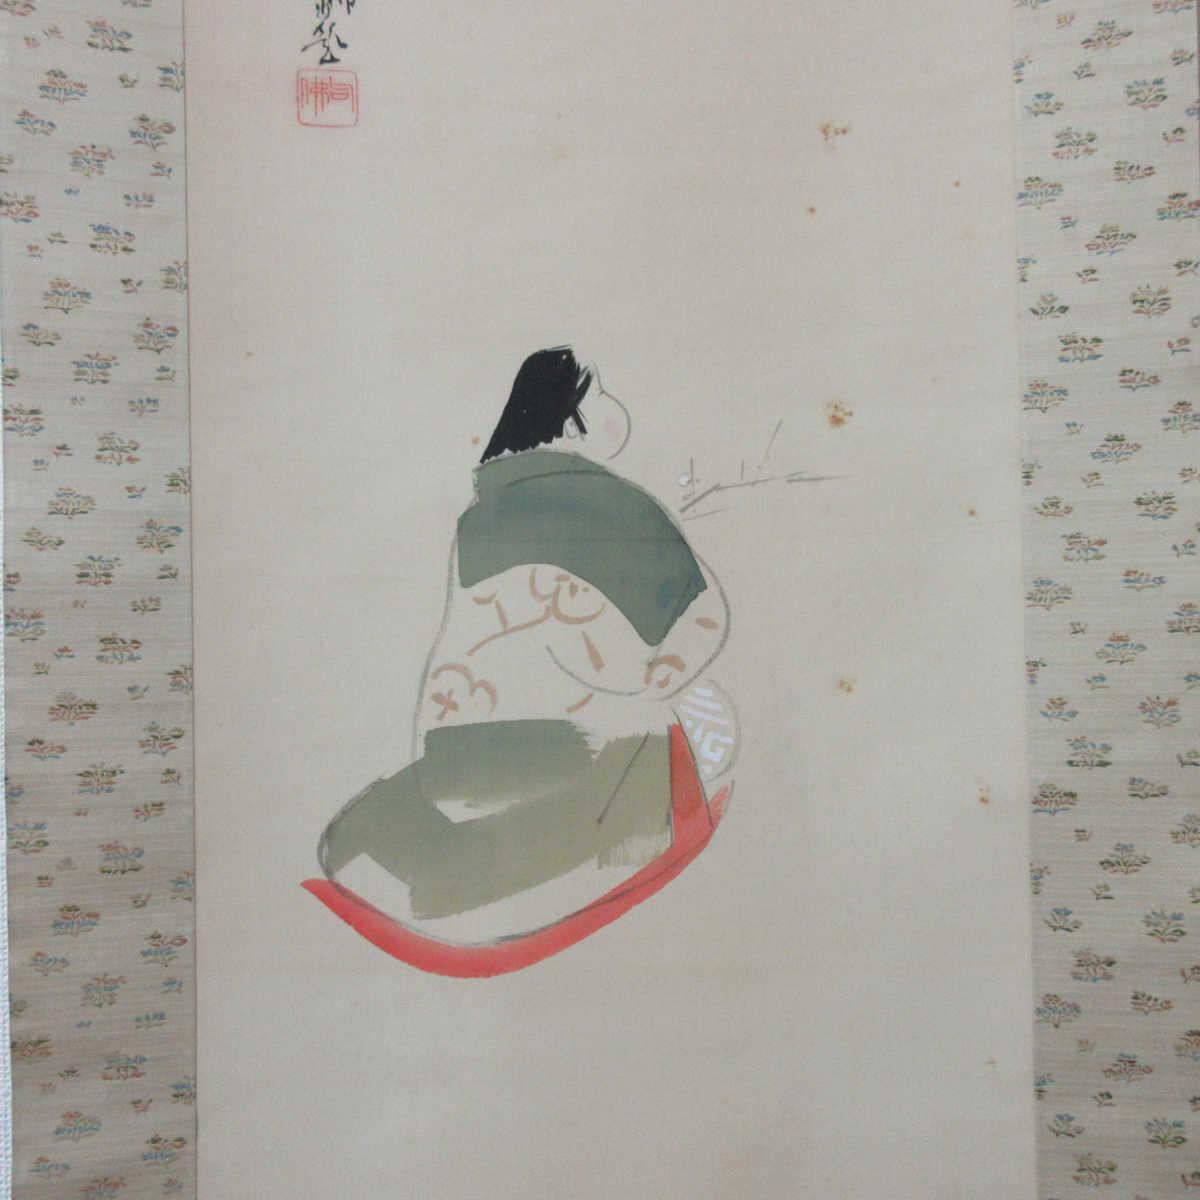 ■東本願寺二十三世法主 大谷句佛 肉筆画賛 b44_画像5